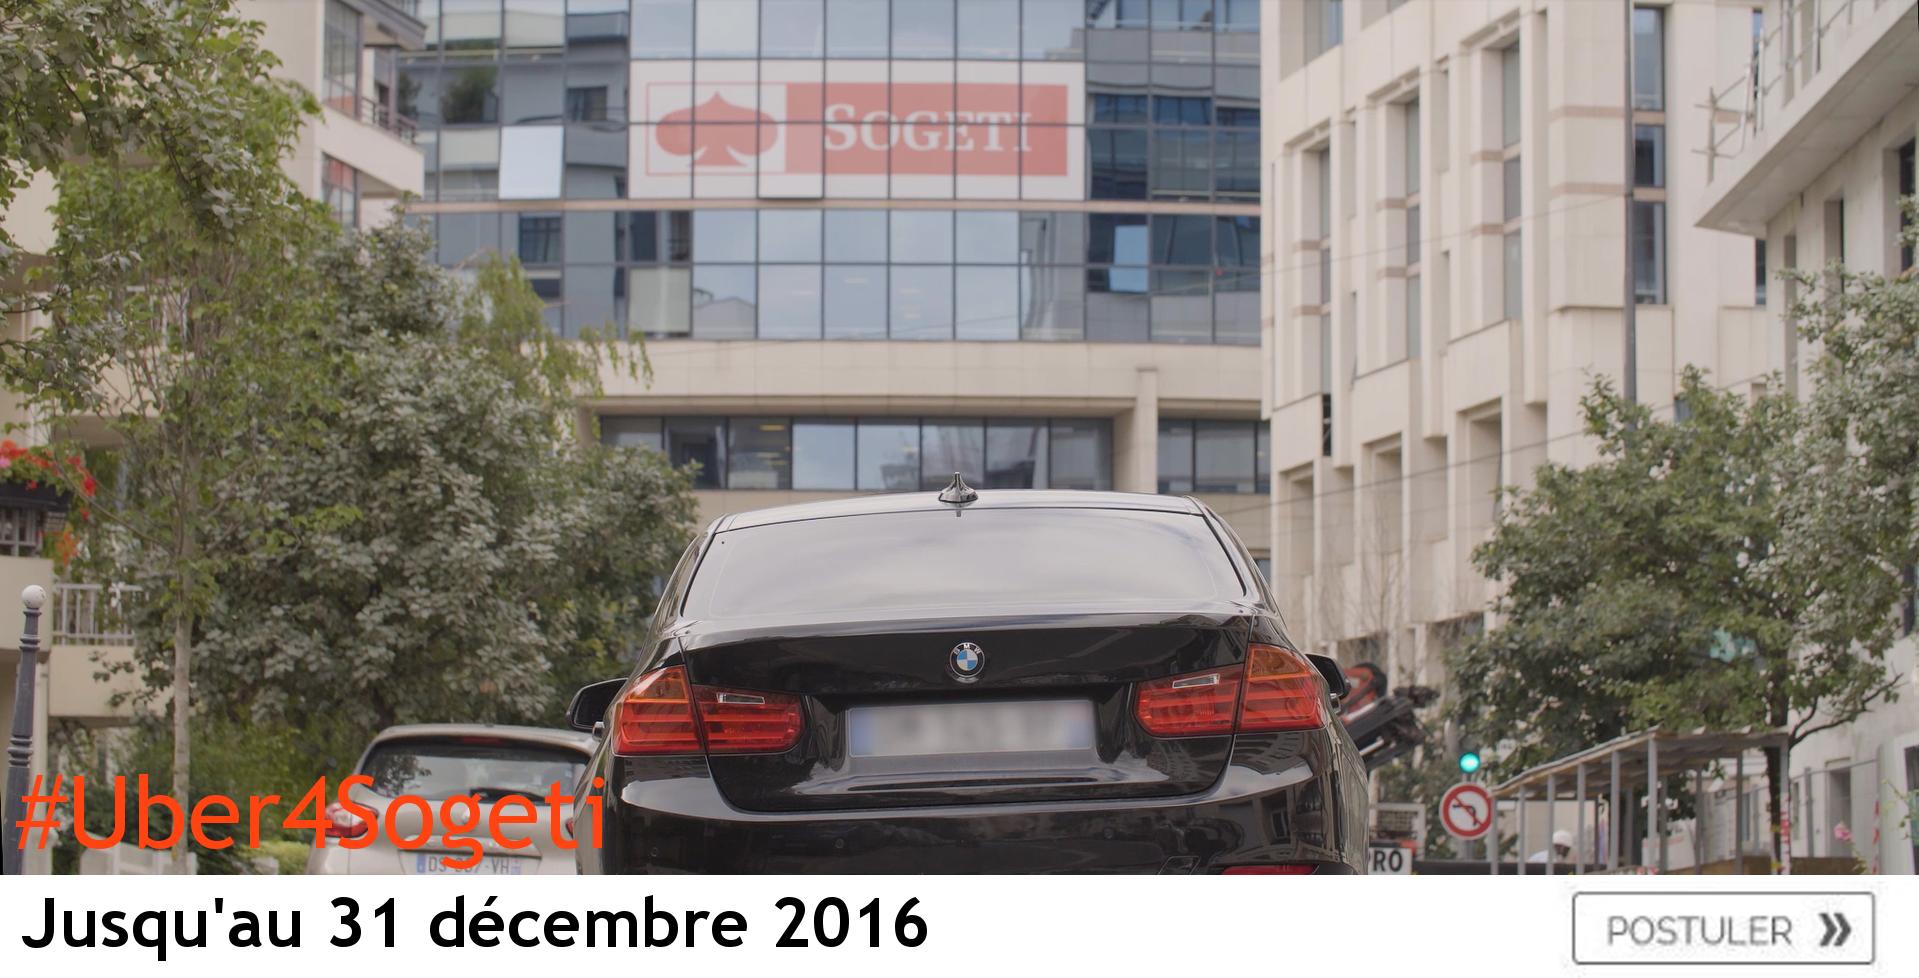 #Uber4Sogeti: dans les coulisses des métiers du numérique!